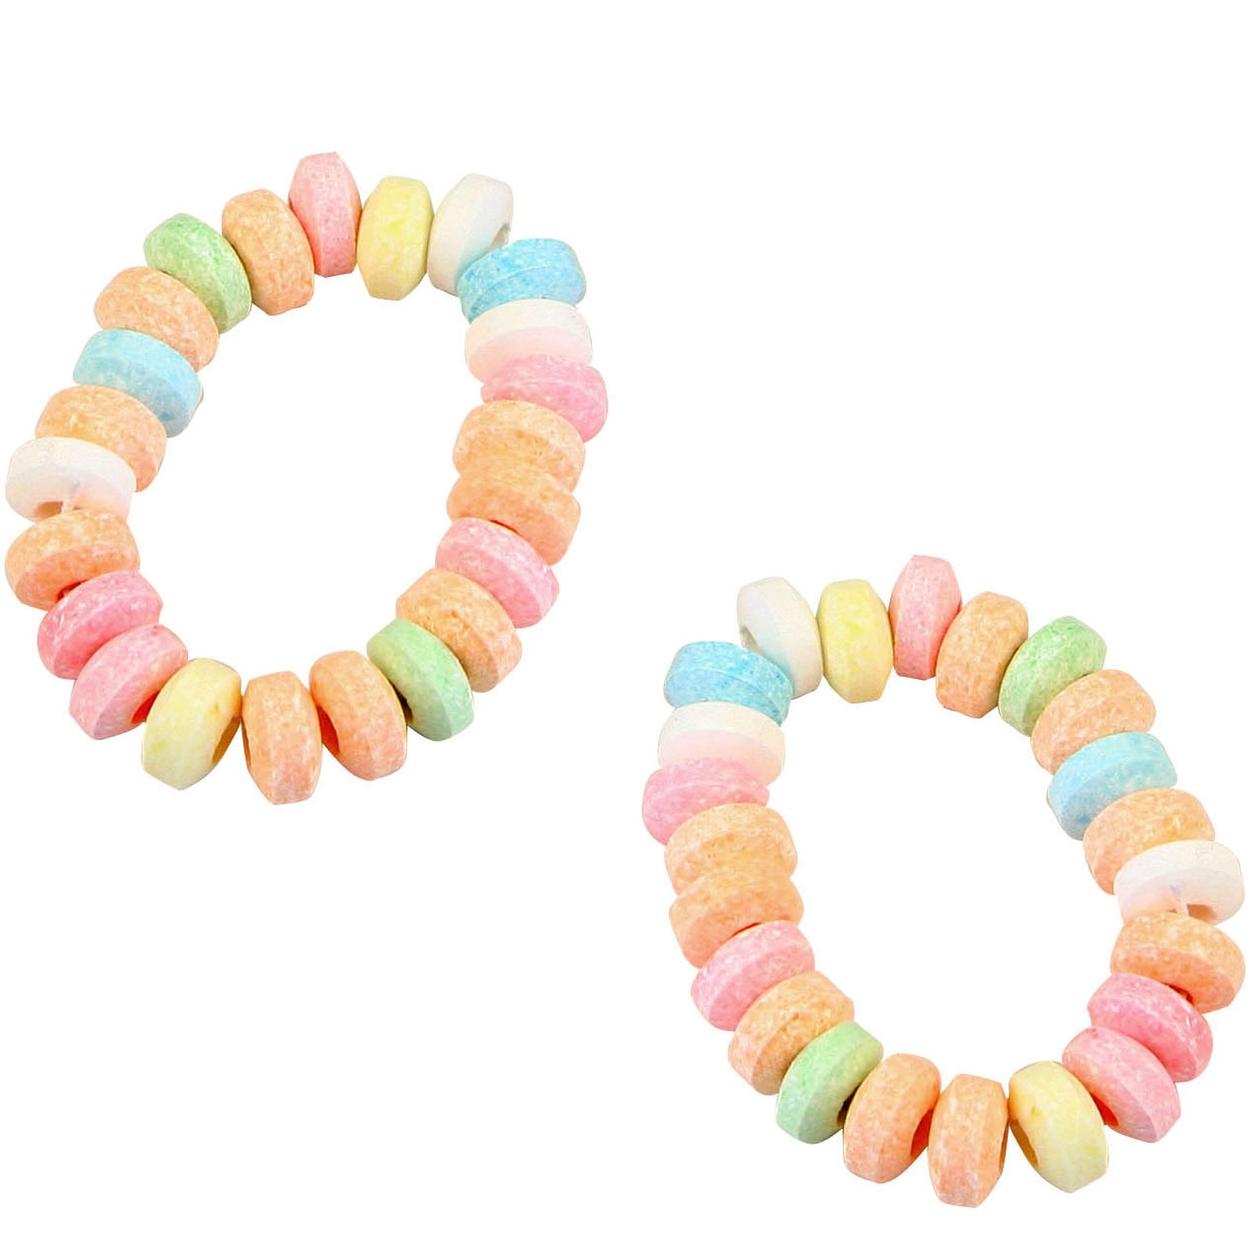 cukor-11.jpg